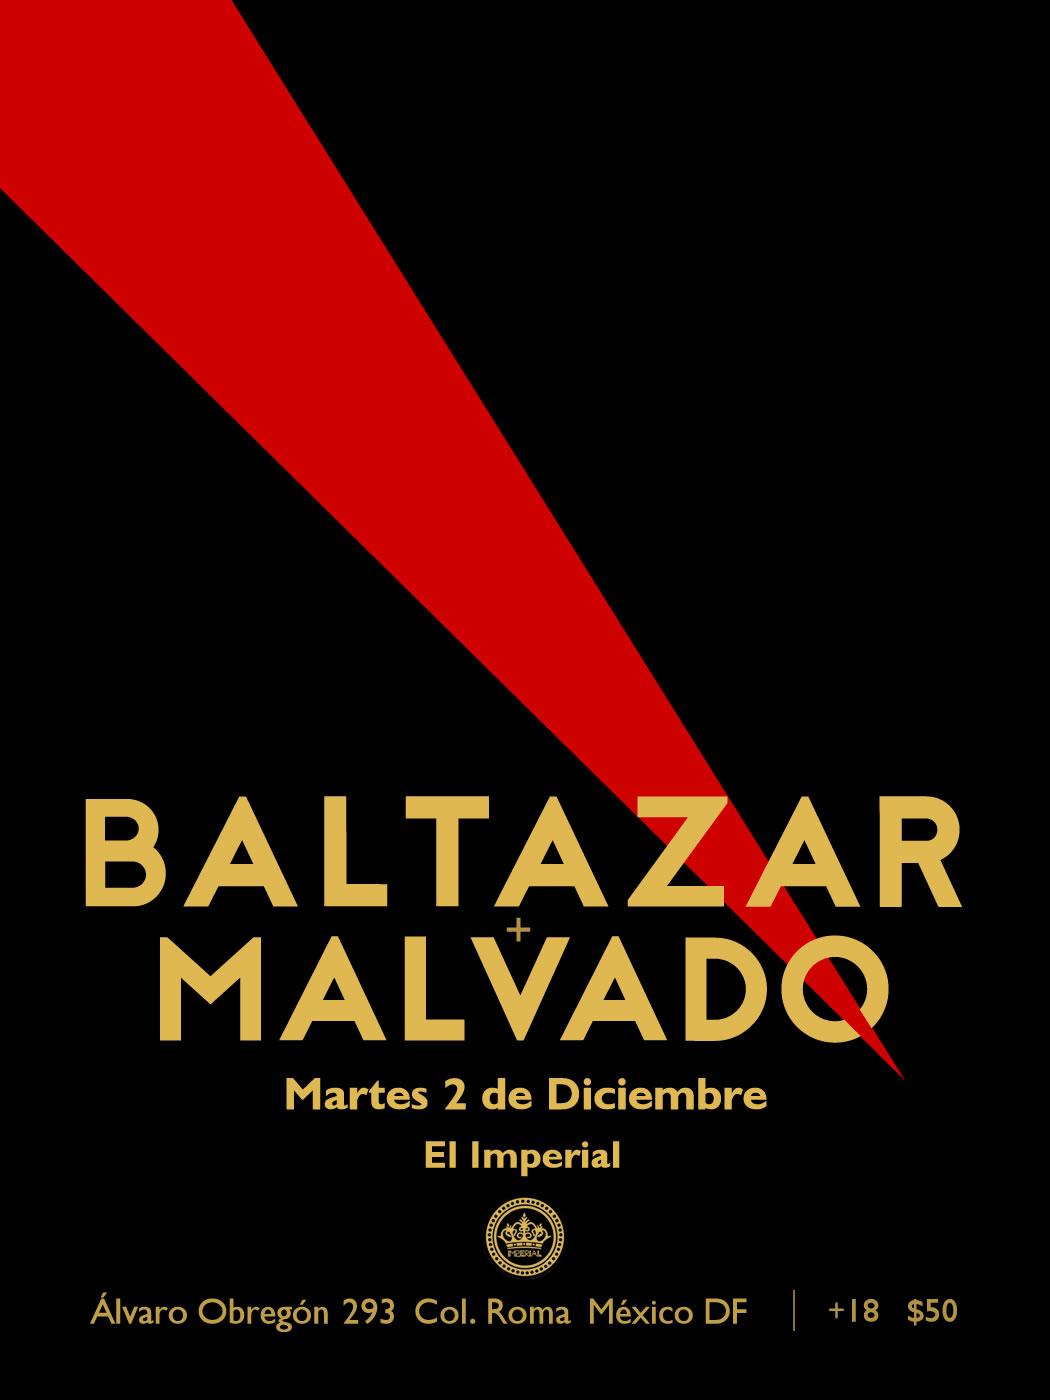 2 deDic Baltazar +Malvado